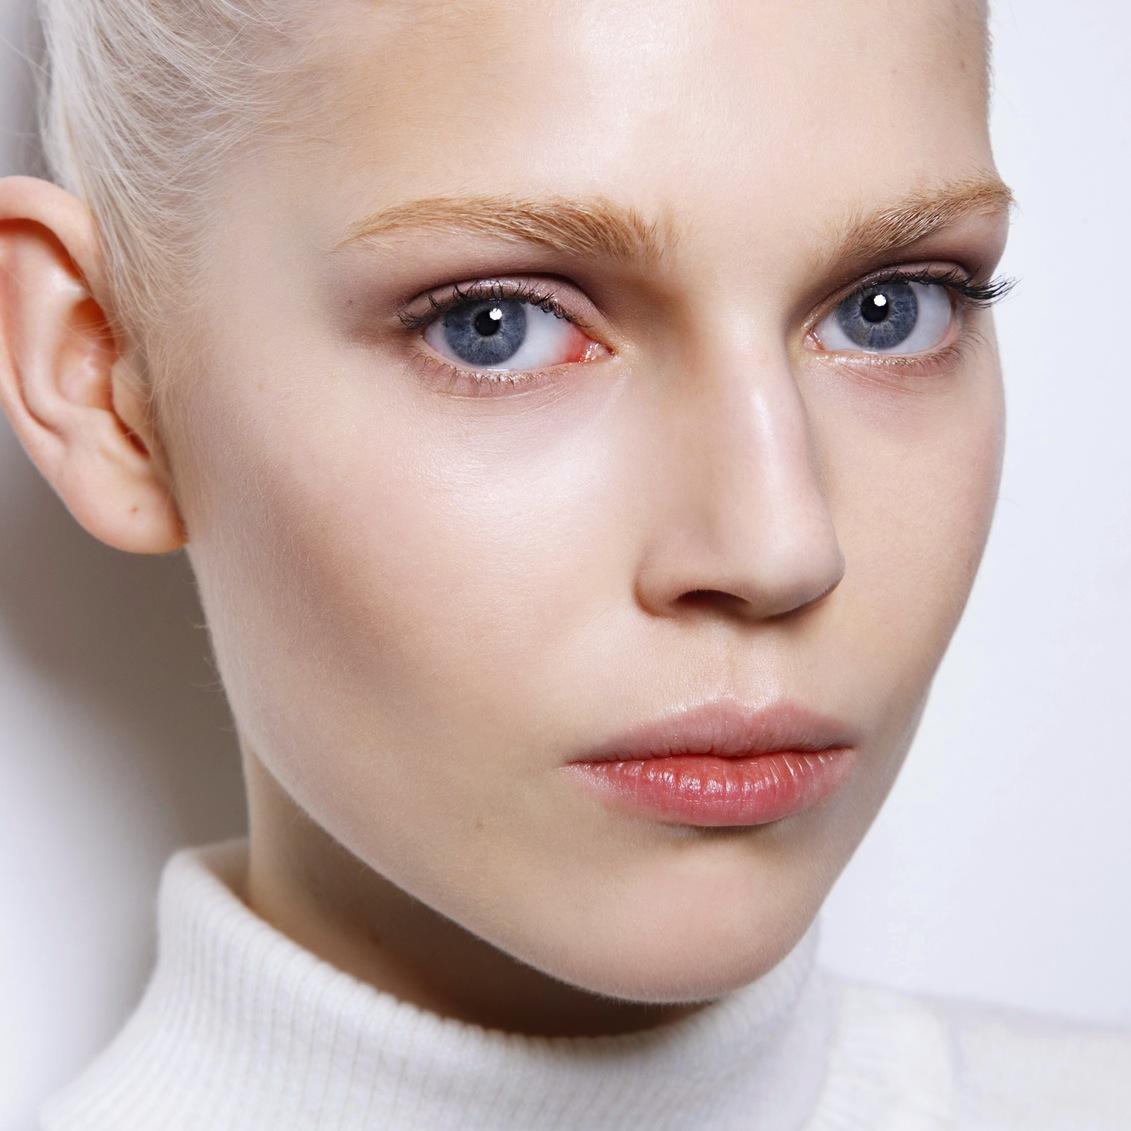 Девушка с естественным макияжем фото